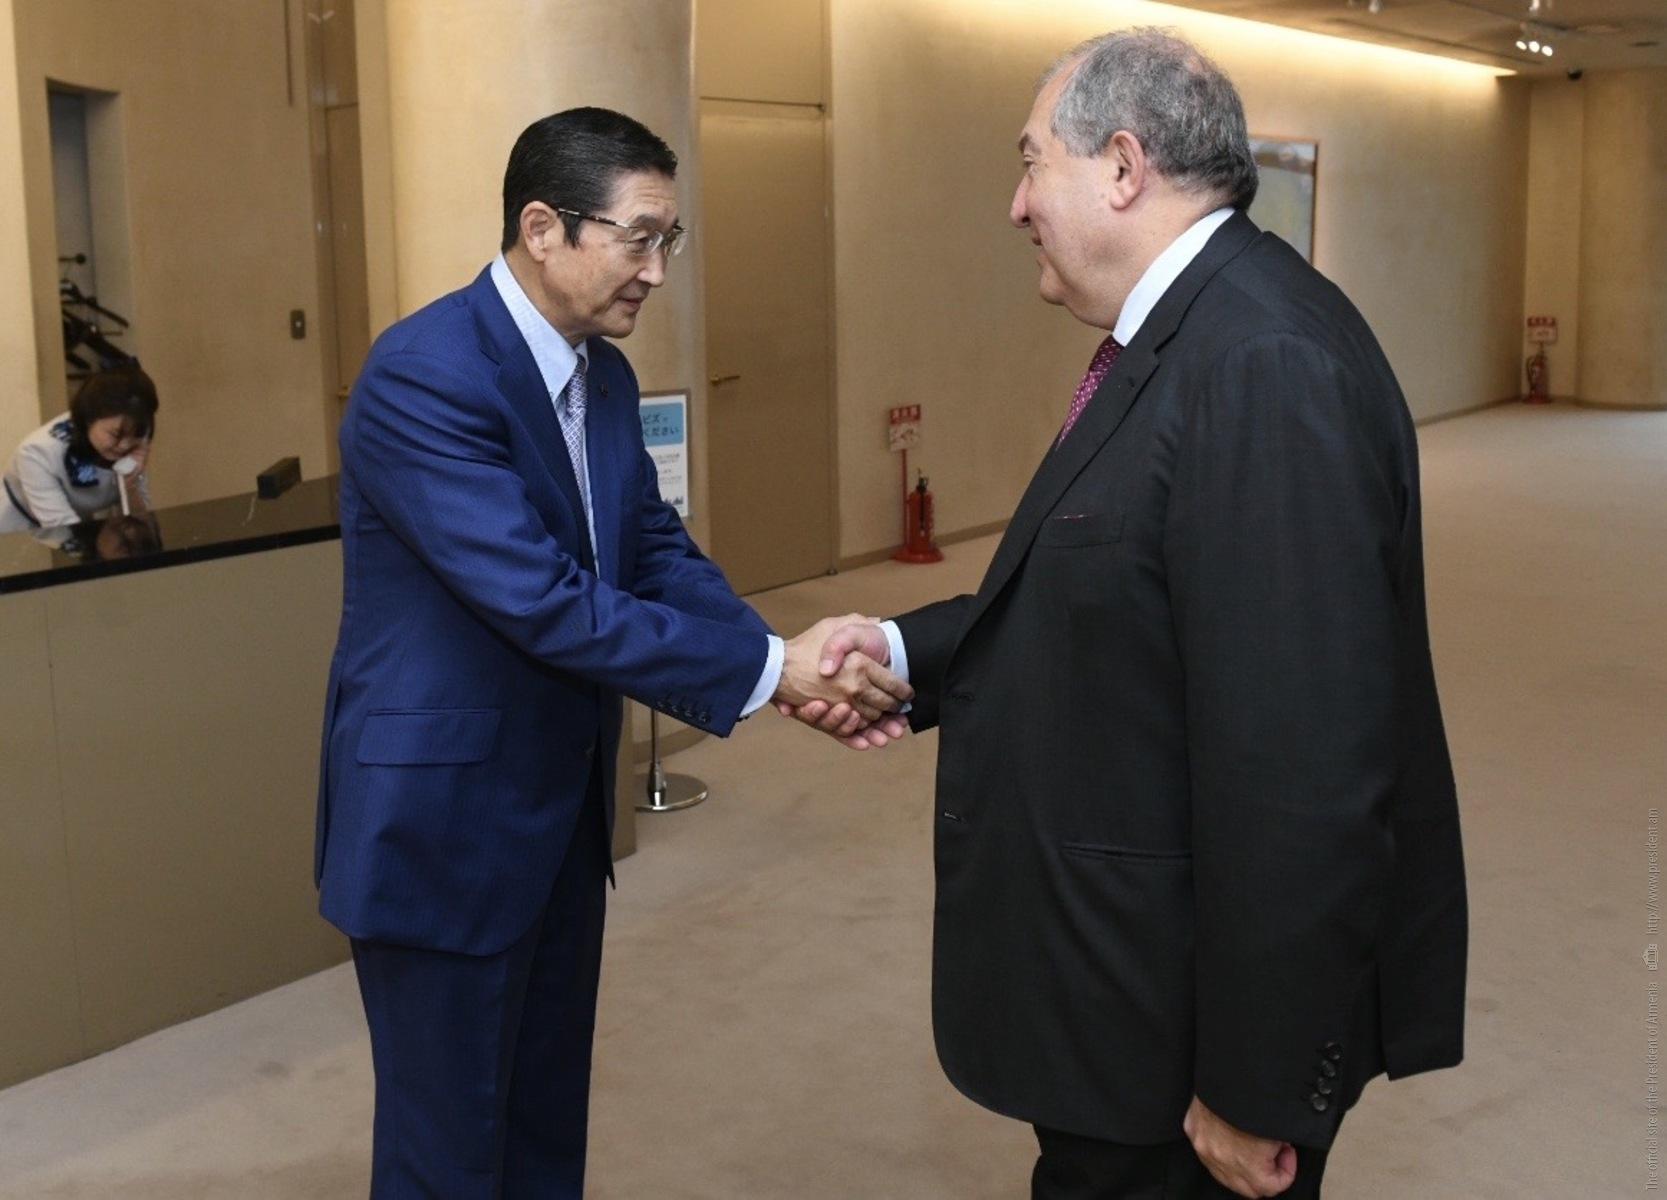 Հայաստանն ու Ճապոնիան սննդի արդյունաբերության ոլորտում համագործակցության ներուժ ունեն. նախագահ Սարգսյանն այցելել է Asahi Group